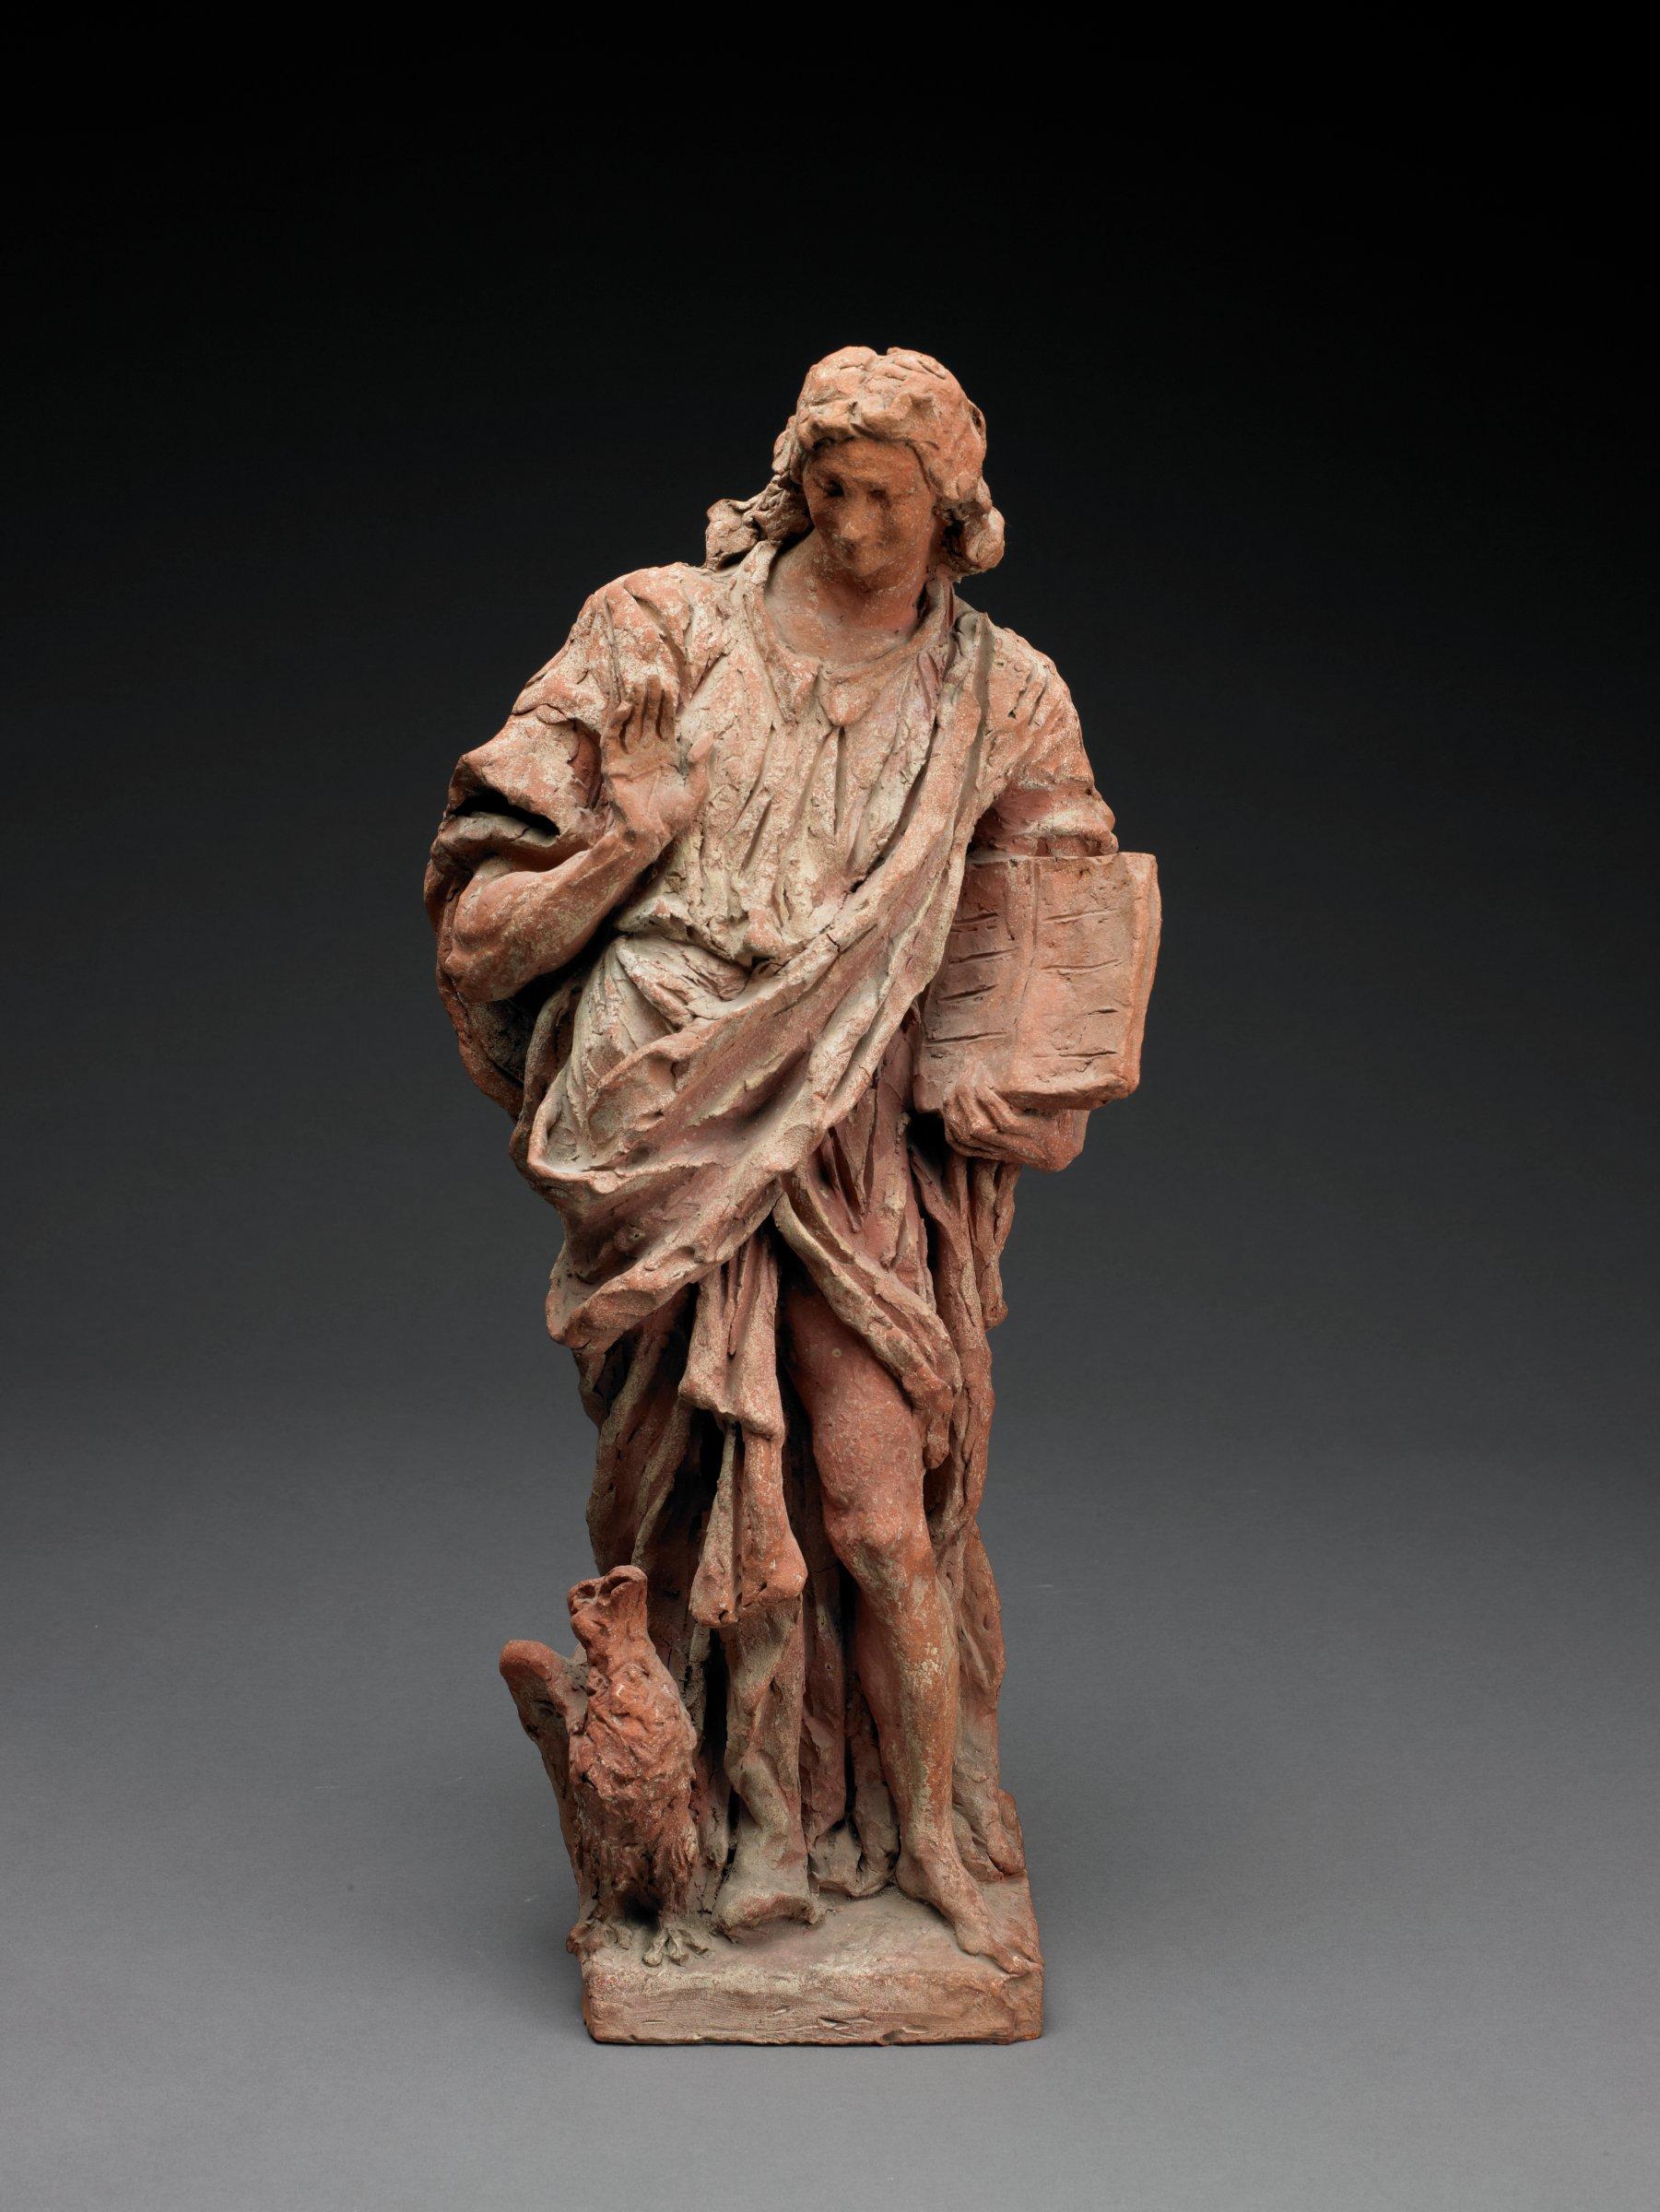 St. John, Giuseppe Bernardi, called Torretto, terracotta